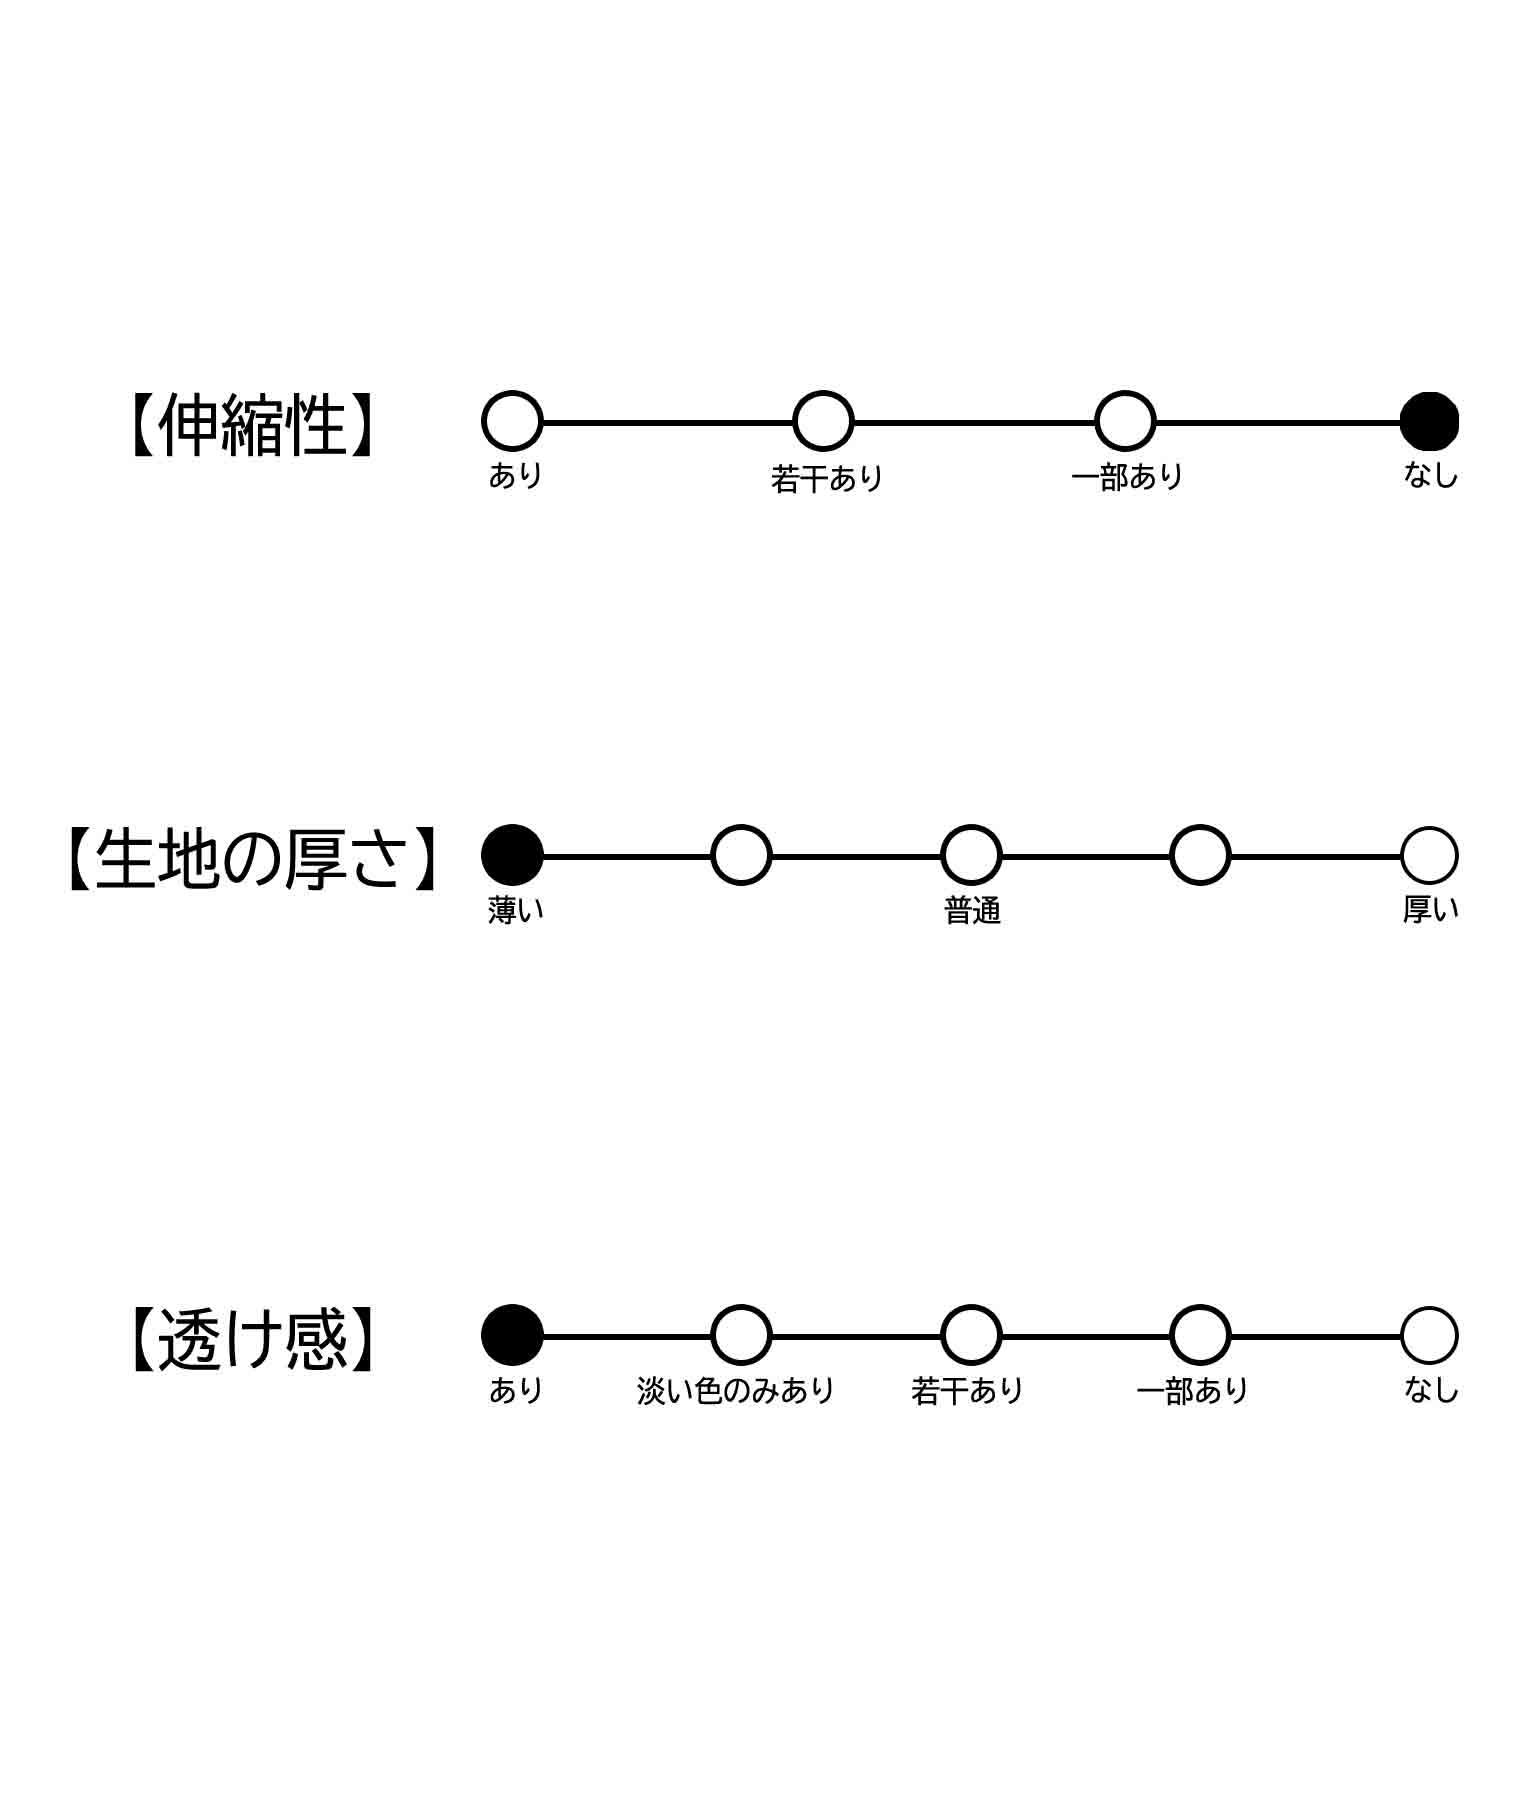 袖ボリュームチュール切り替えトップス | CHILLE